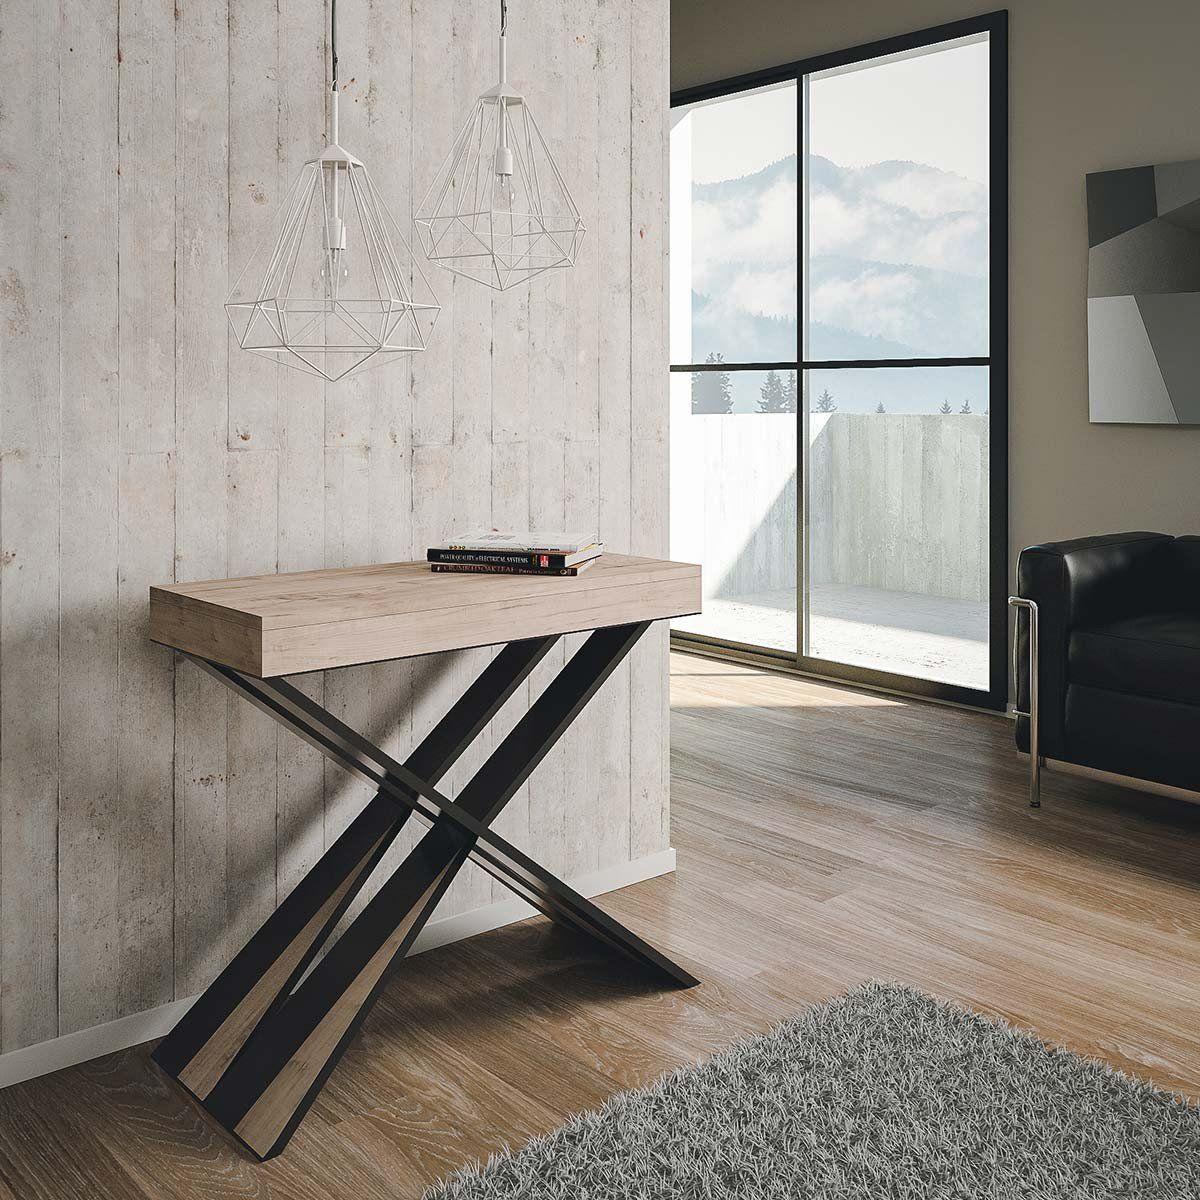 738 Group Design Diago Table Console Extensible Moderne En Chene Naturel Fabriquee En Italie Pour 14 Console Extensible Table Console Extensible Console